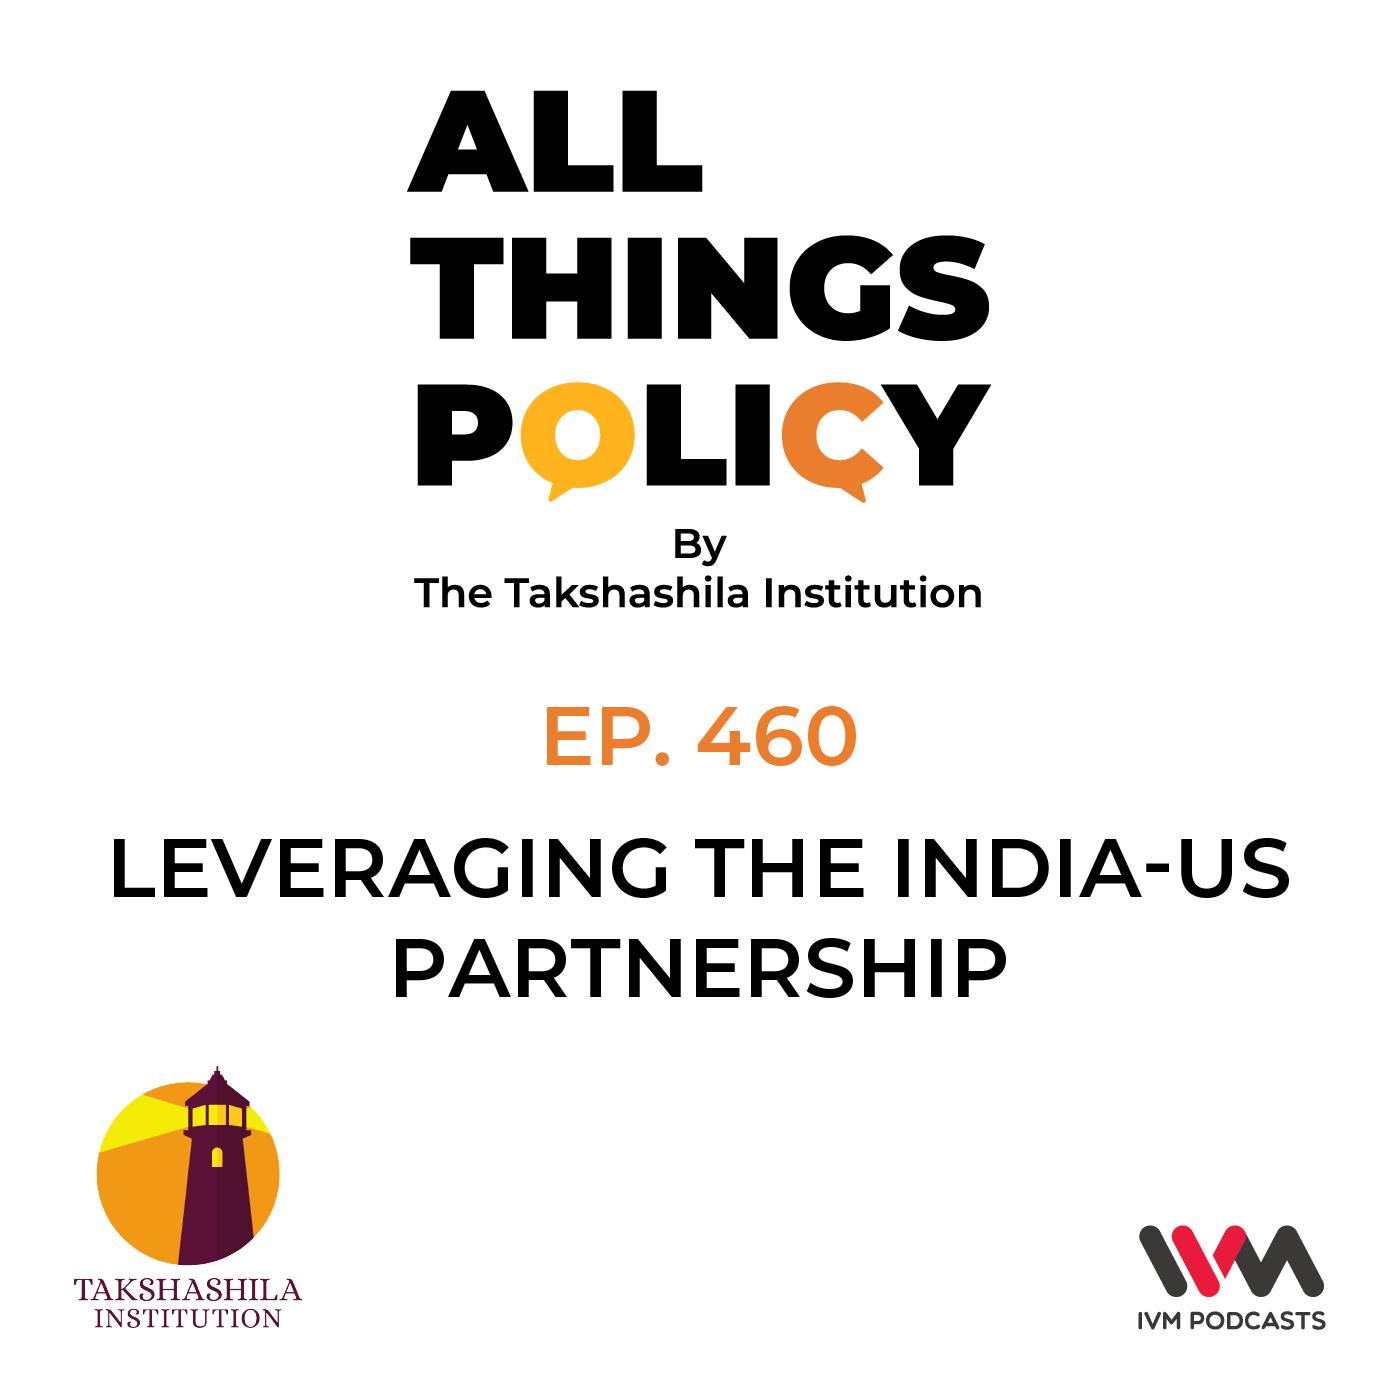 Ep. 460: India's Marathon: Kunal Singh on Leveraging the India-US Partnership